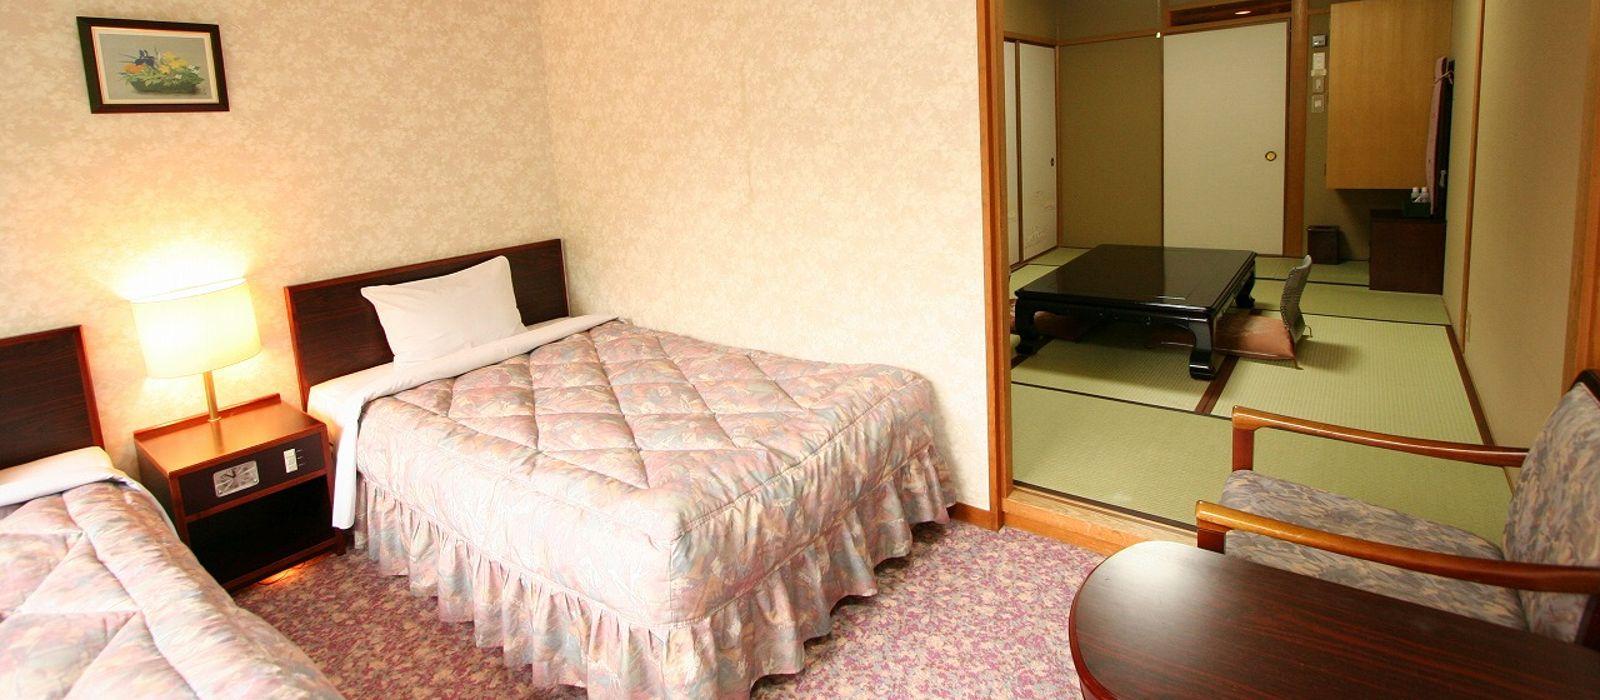 Hotel Hoshokaku Takayama Japan